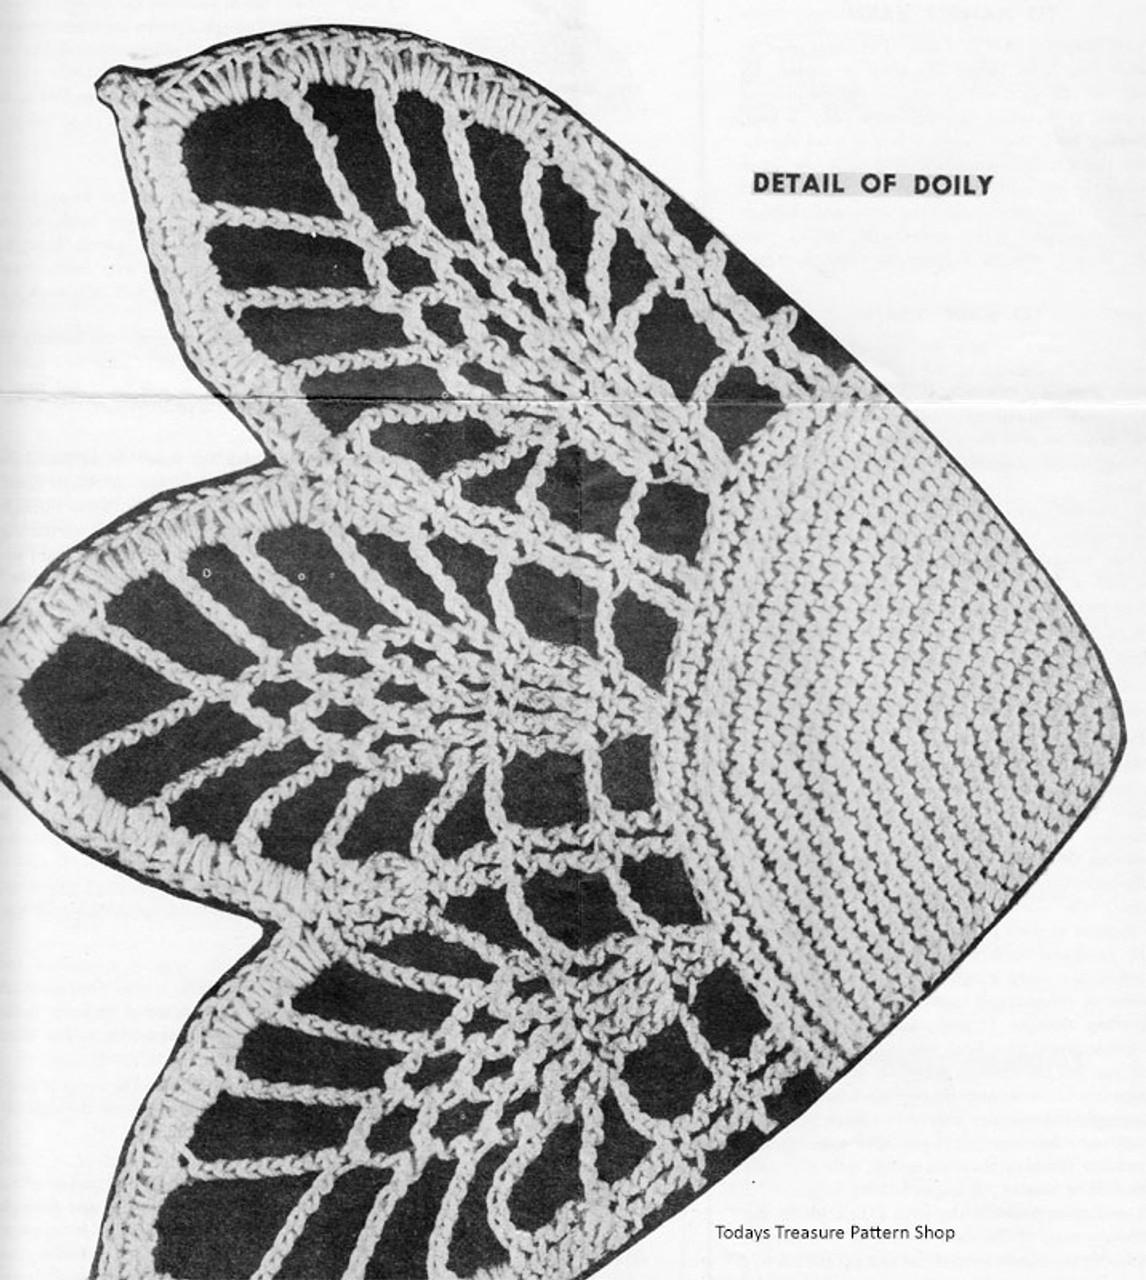 Doily Basket Crochet Pattern Stitch Illustration